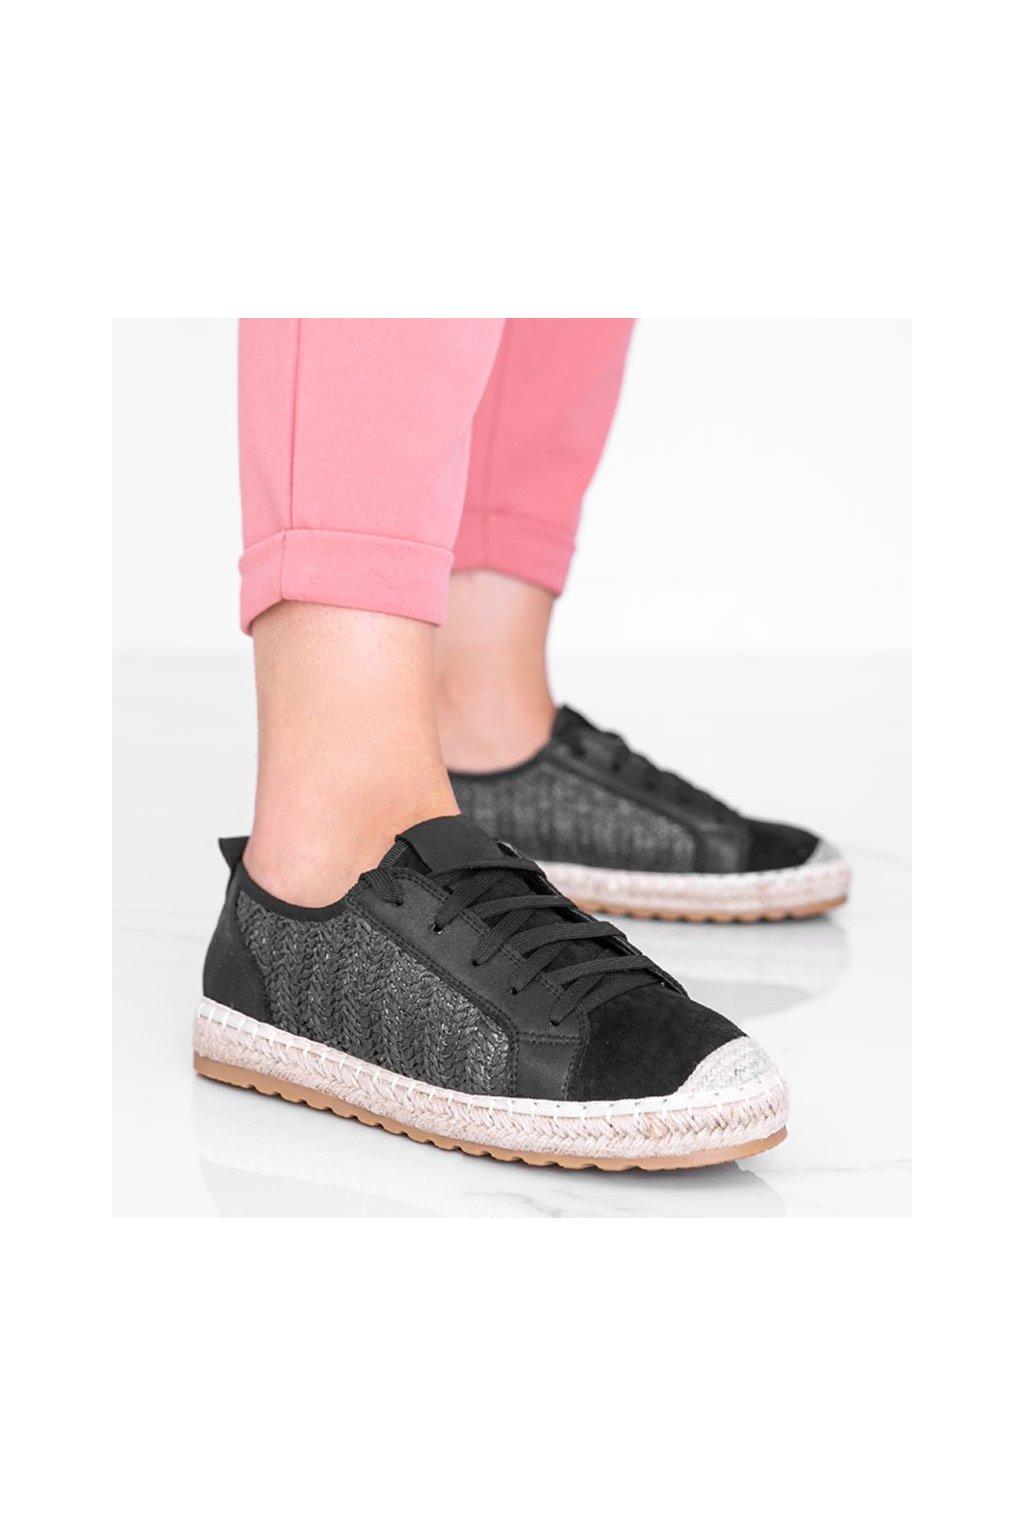 Dámske topánky espadrilky čierne kód CD-8 - GM